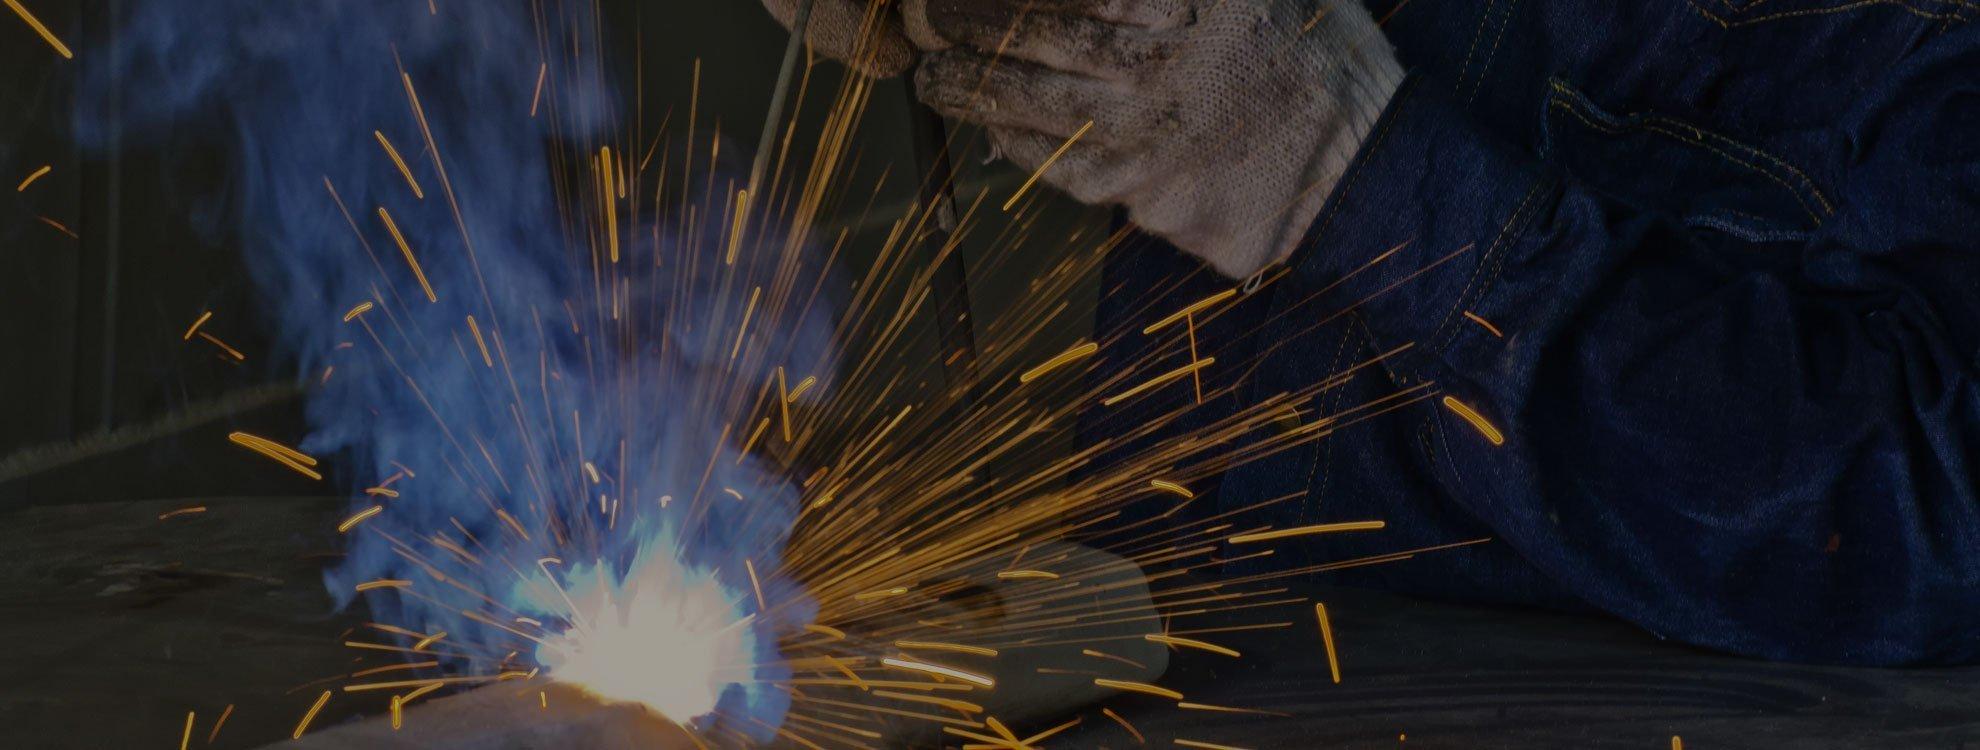 commercial welding